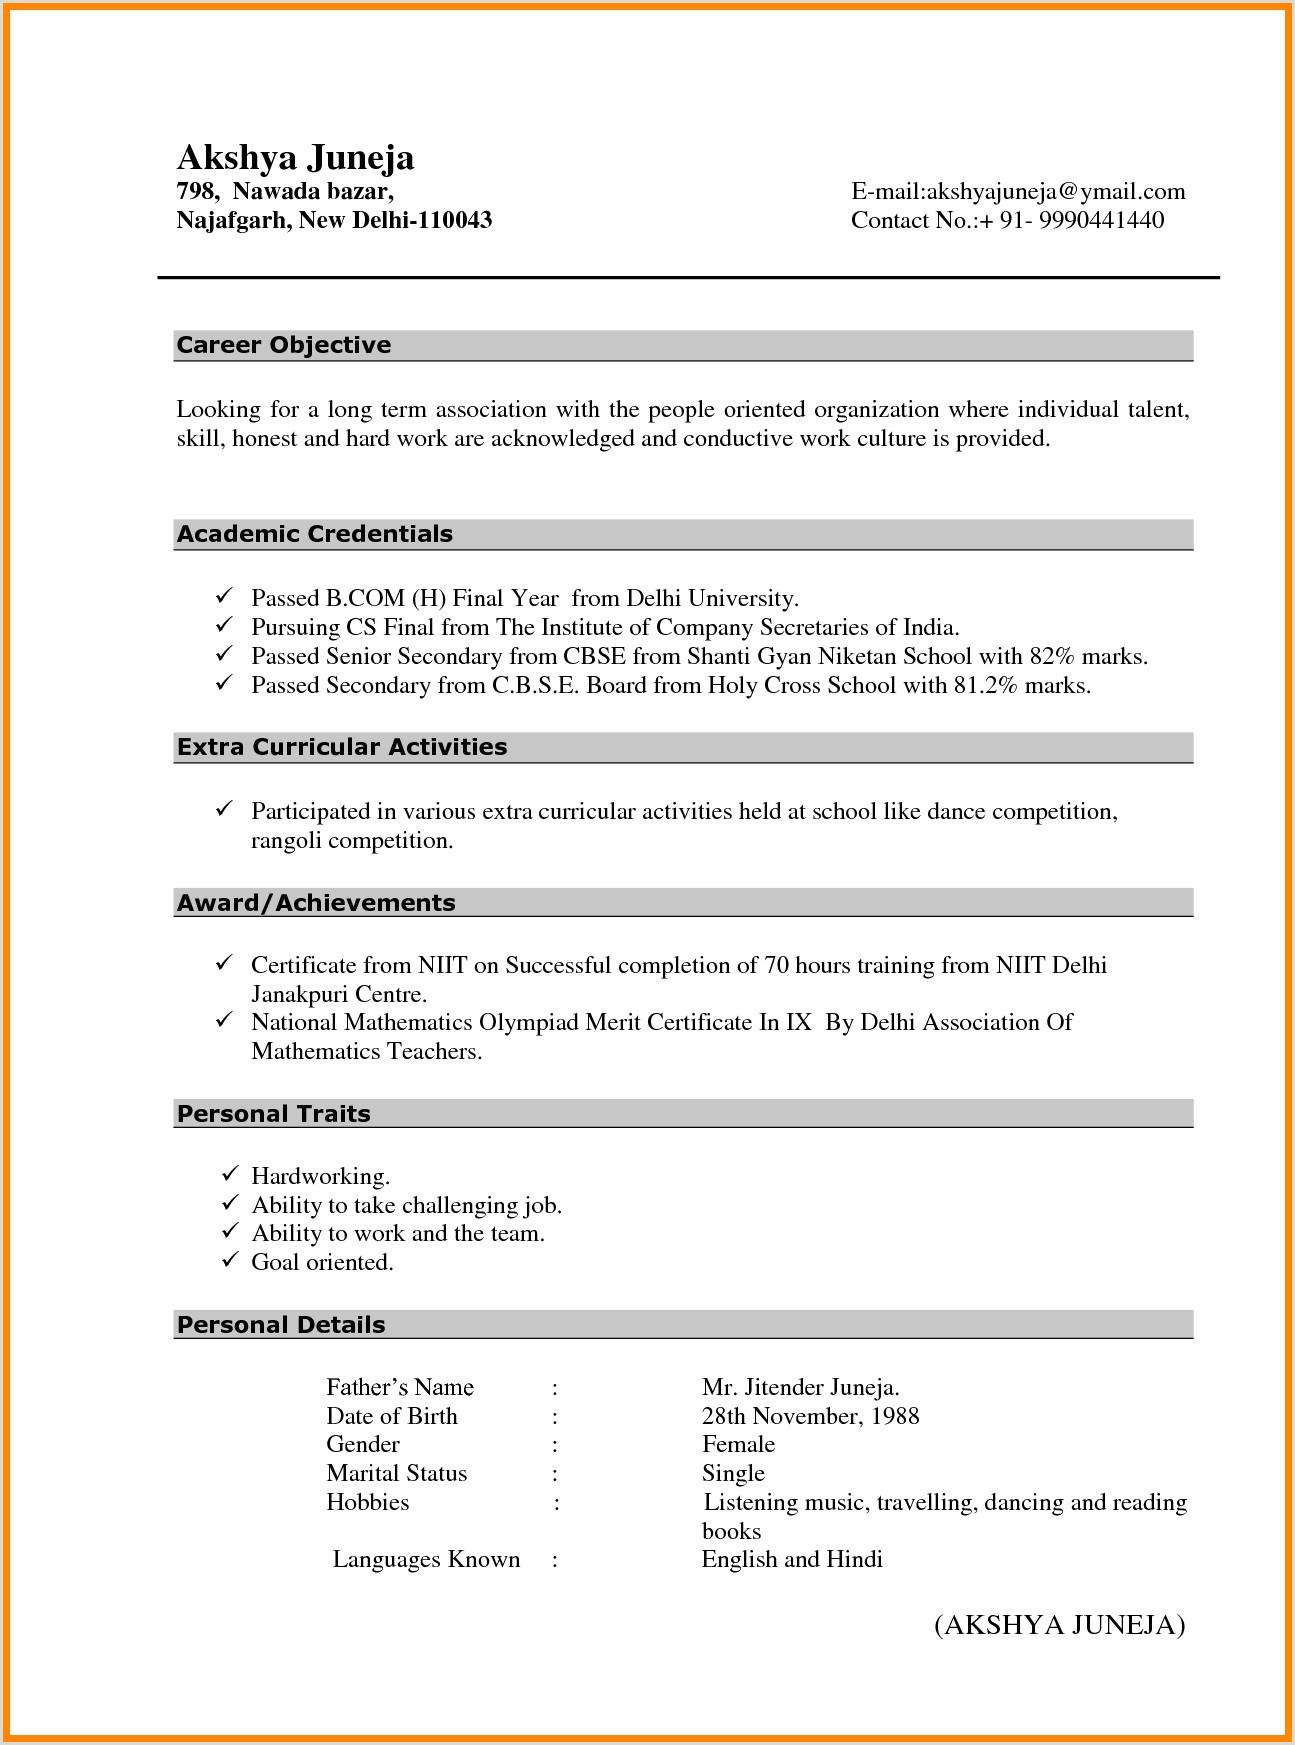 Cv Format For Fresher Teachers Doc Teacher Resume Cover Letter New For Fresher Job Application